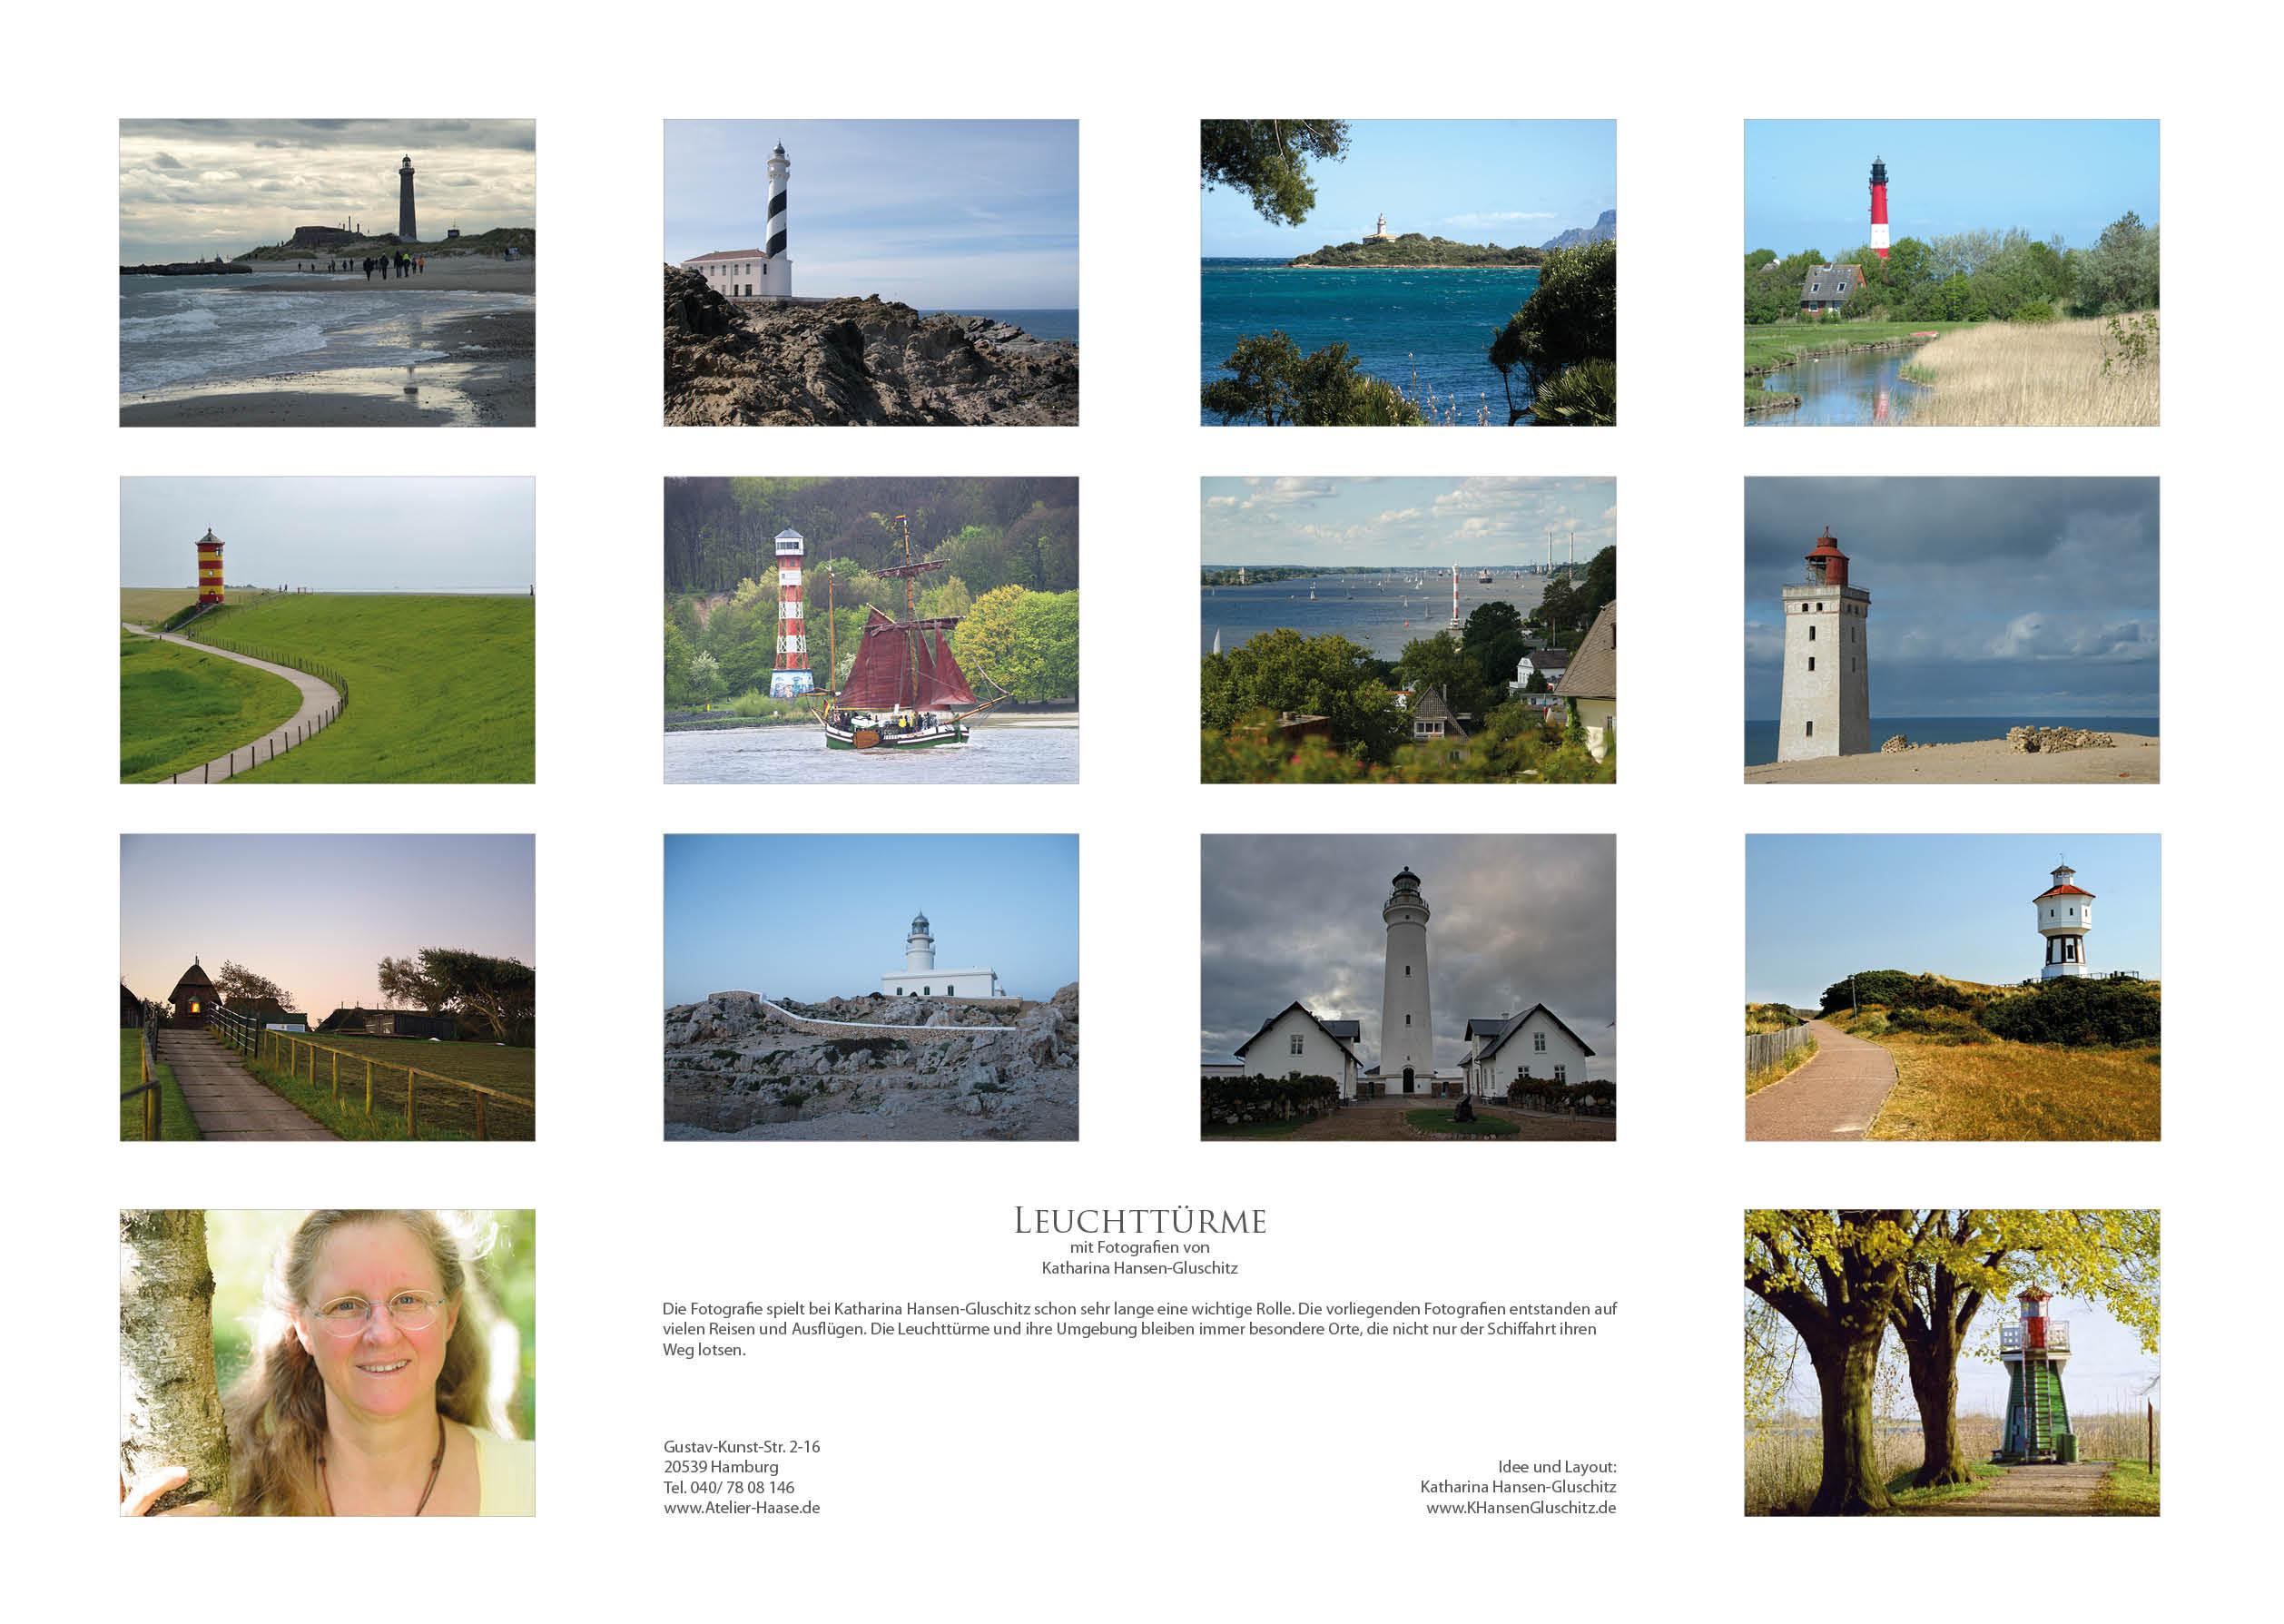 Übersicht - Leuchttürme - Kalender 2020 © Katharina Hansen-Gluschitz